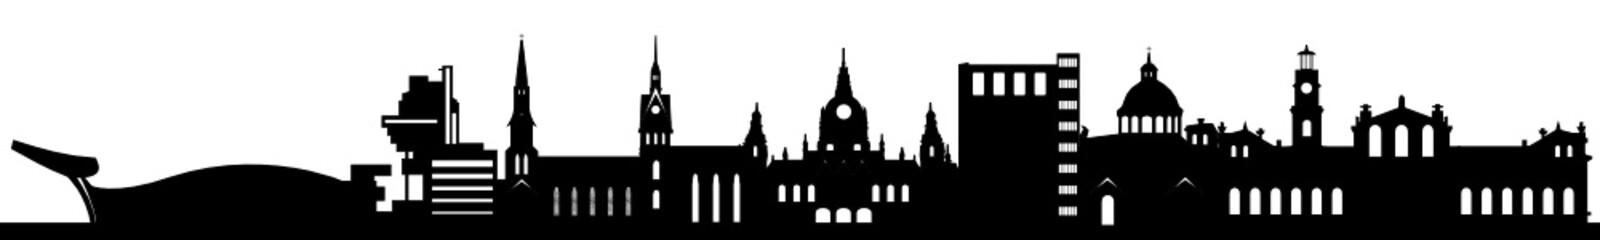 Skyline Hannover mit Wahrzeichen